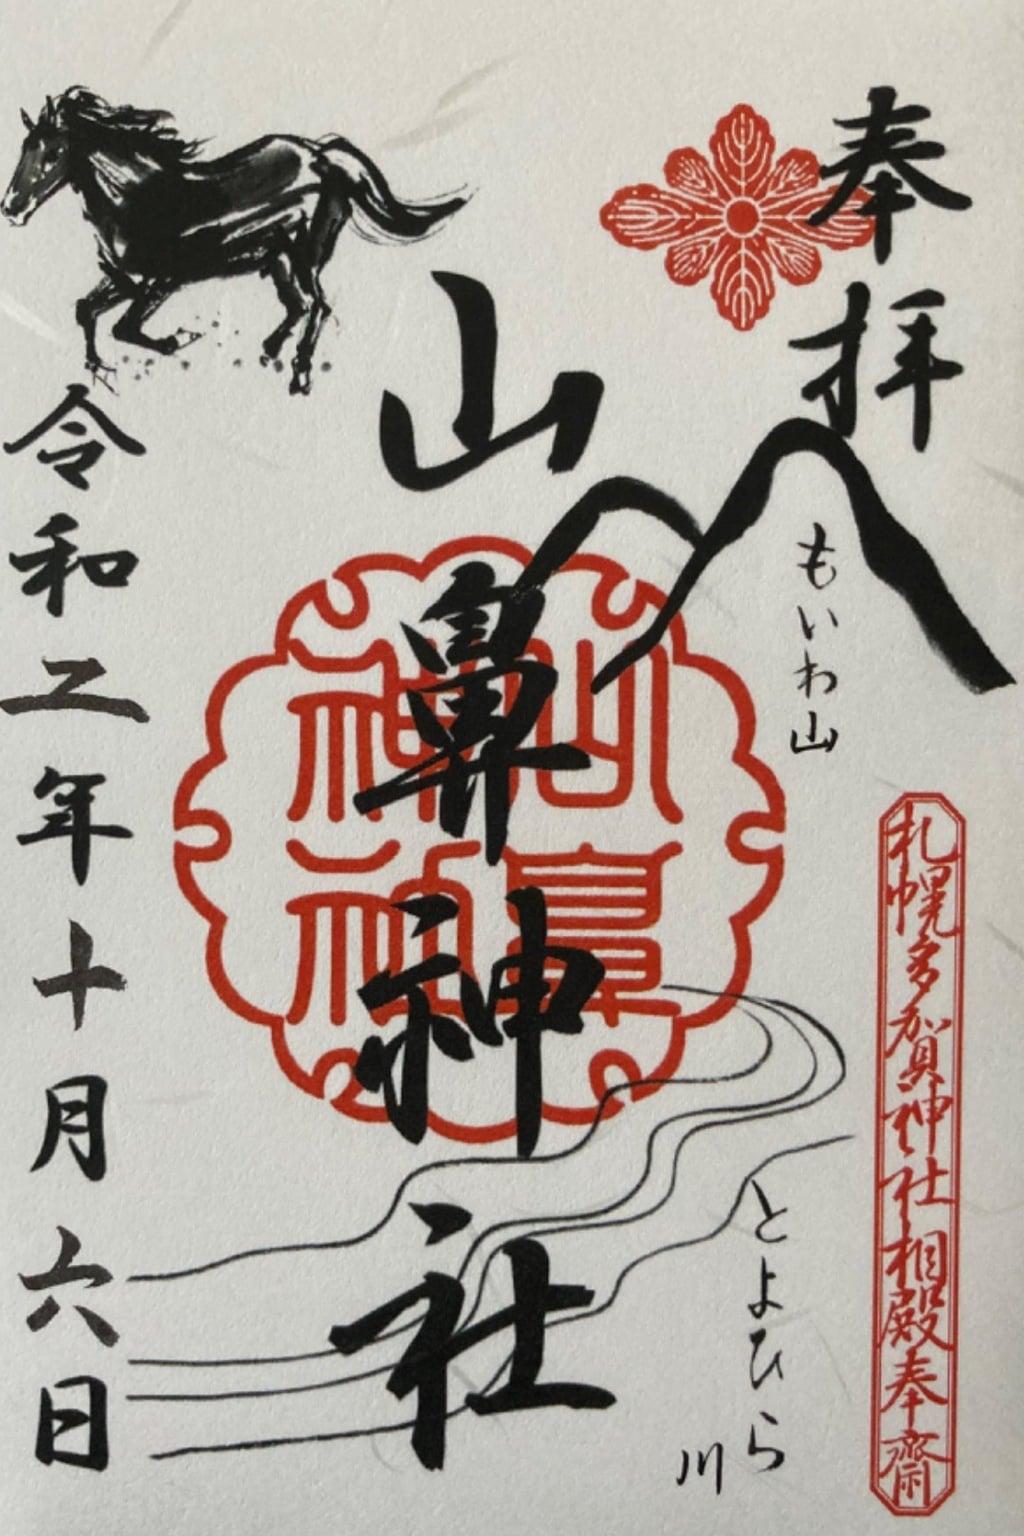 山鼻神社の御朱印